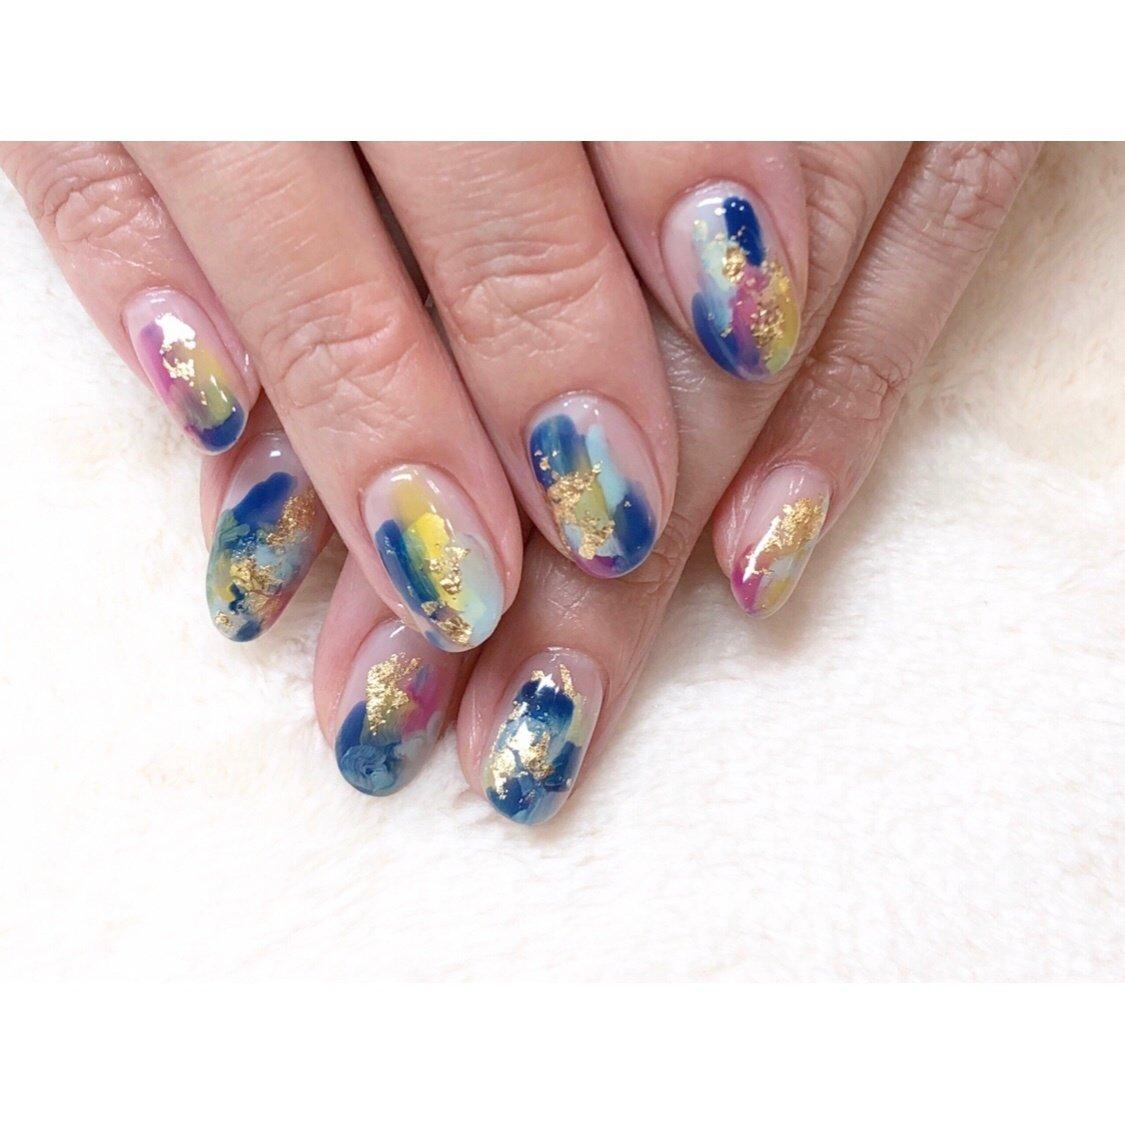 梅雨のニュアンス☔️ #nails #nailart #naildesign #nailstagram #ネイルアート#ニュアンスネイル#梅雨ネイル#金箔ネイル#仙台ネイルサロン #高橋 #ネイルブック